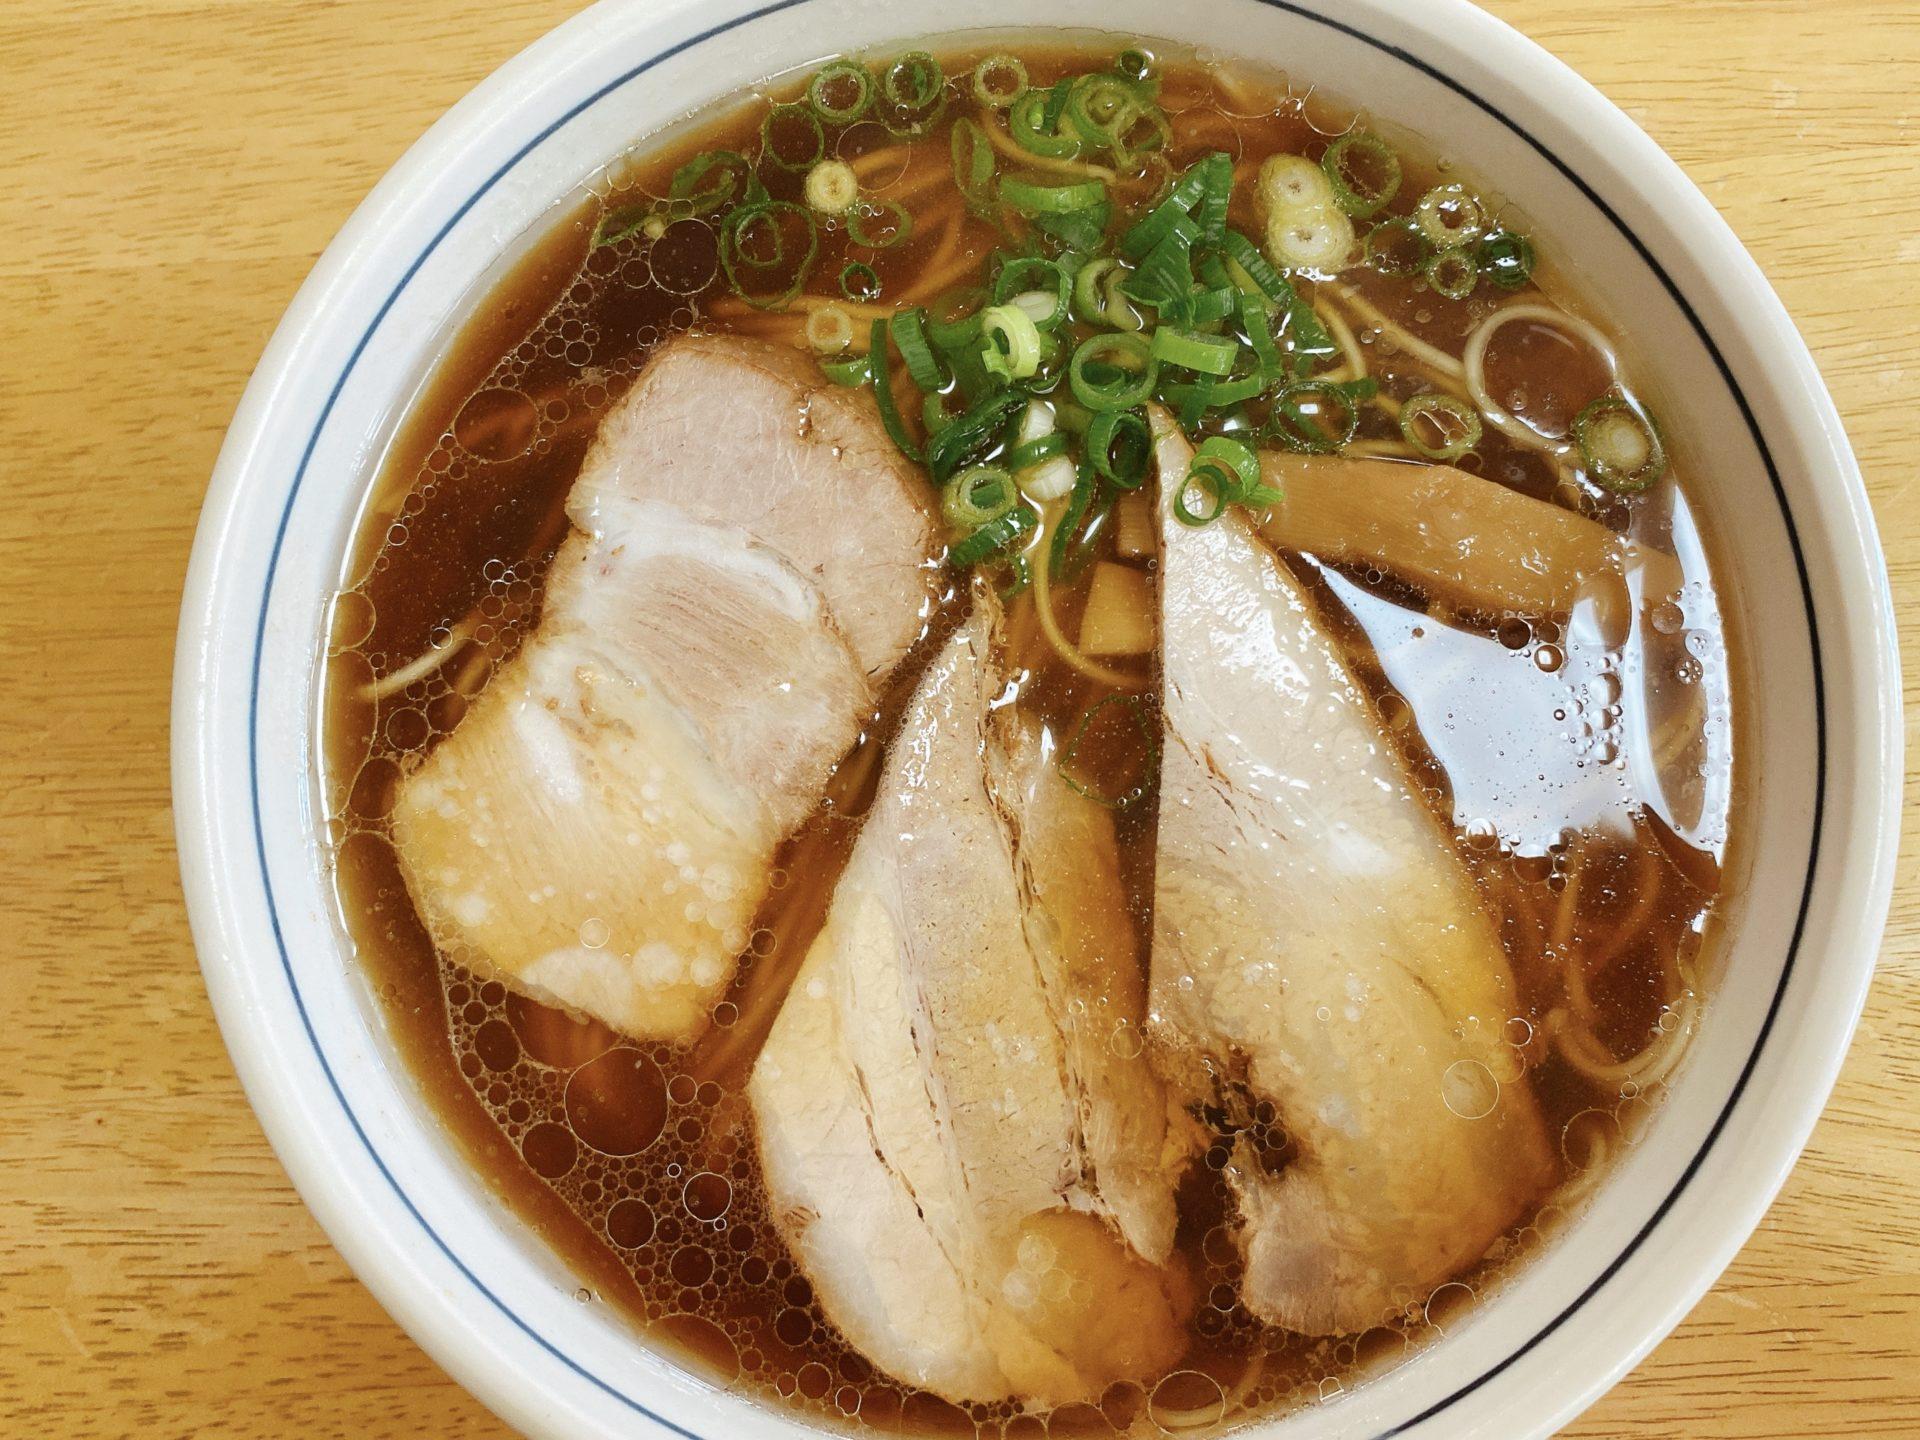 和気駅から車で2分【中華そば てんしん】豚骨のみを使用したスープと特製醤油のバランスが素晴らしい!毎日でも食べたくなるラーメン!